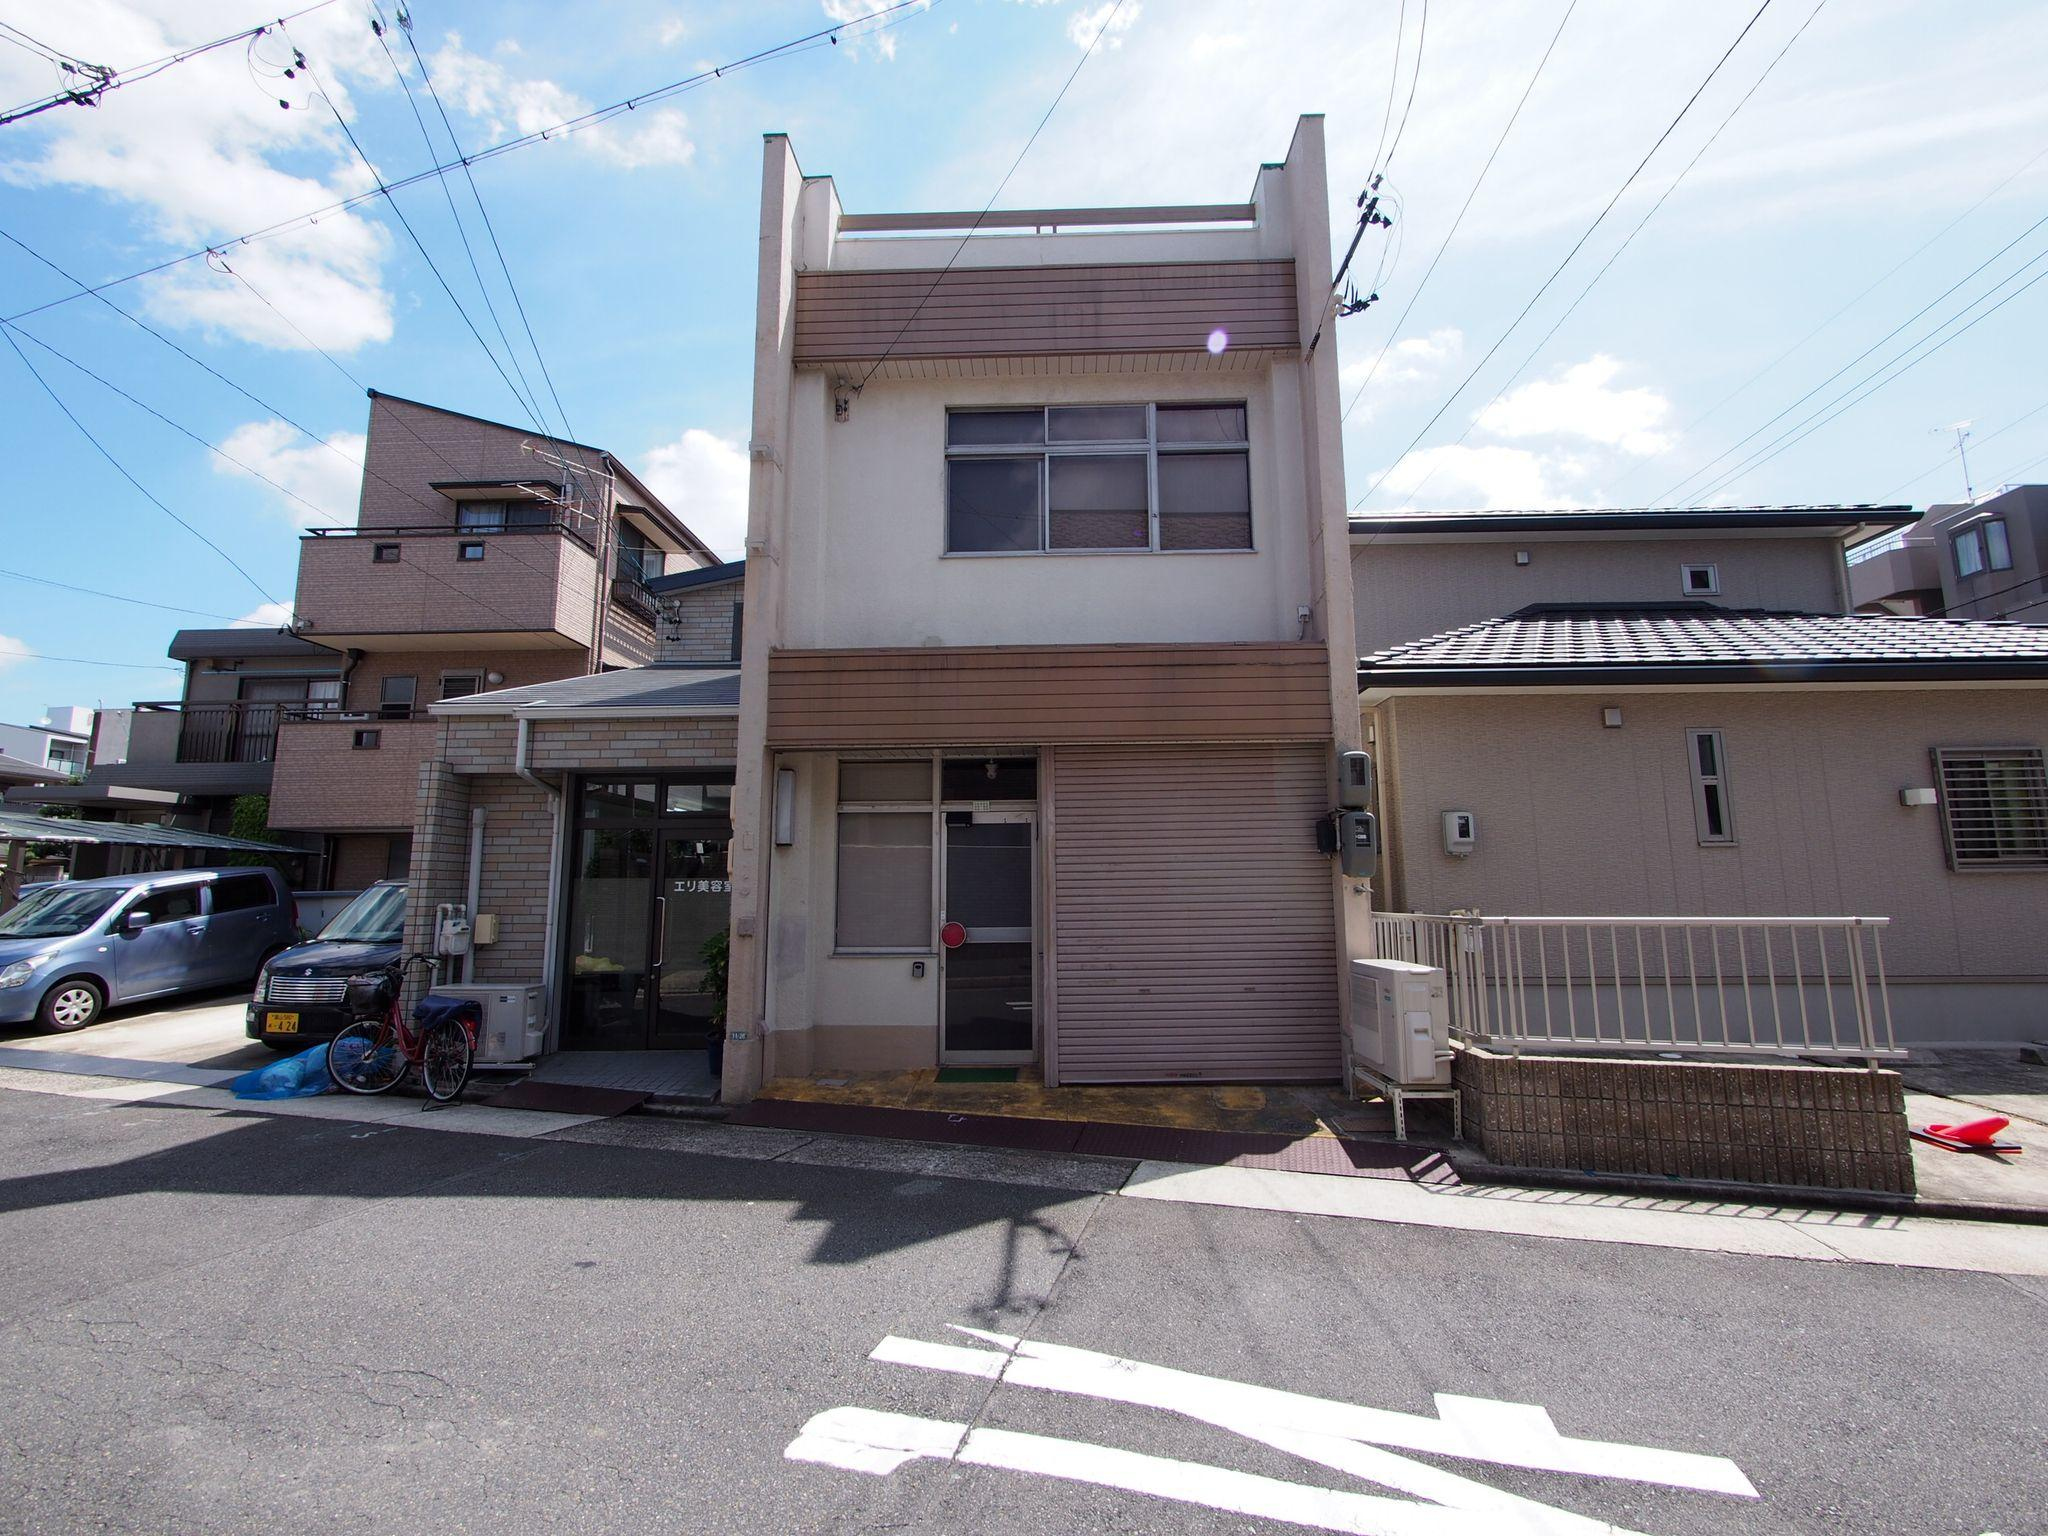 Nest Entire House For 10 Ppl 5min Imaike Station